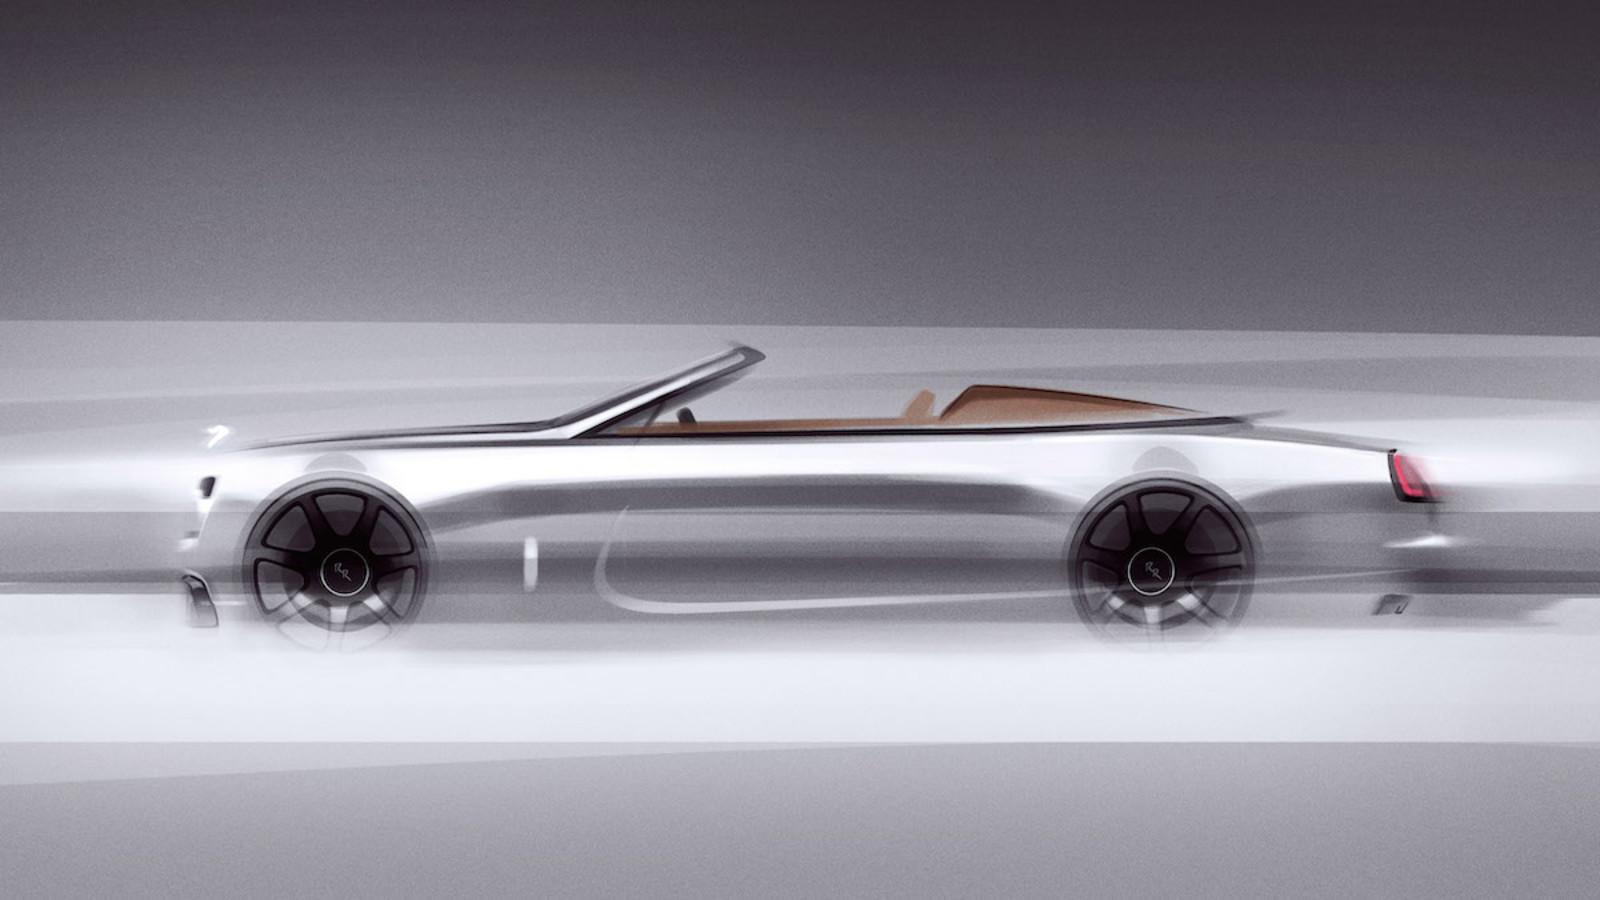 Rolls-Royce, Cabrio, Roadster, Luxus, Dawn Silver Bullet